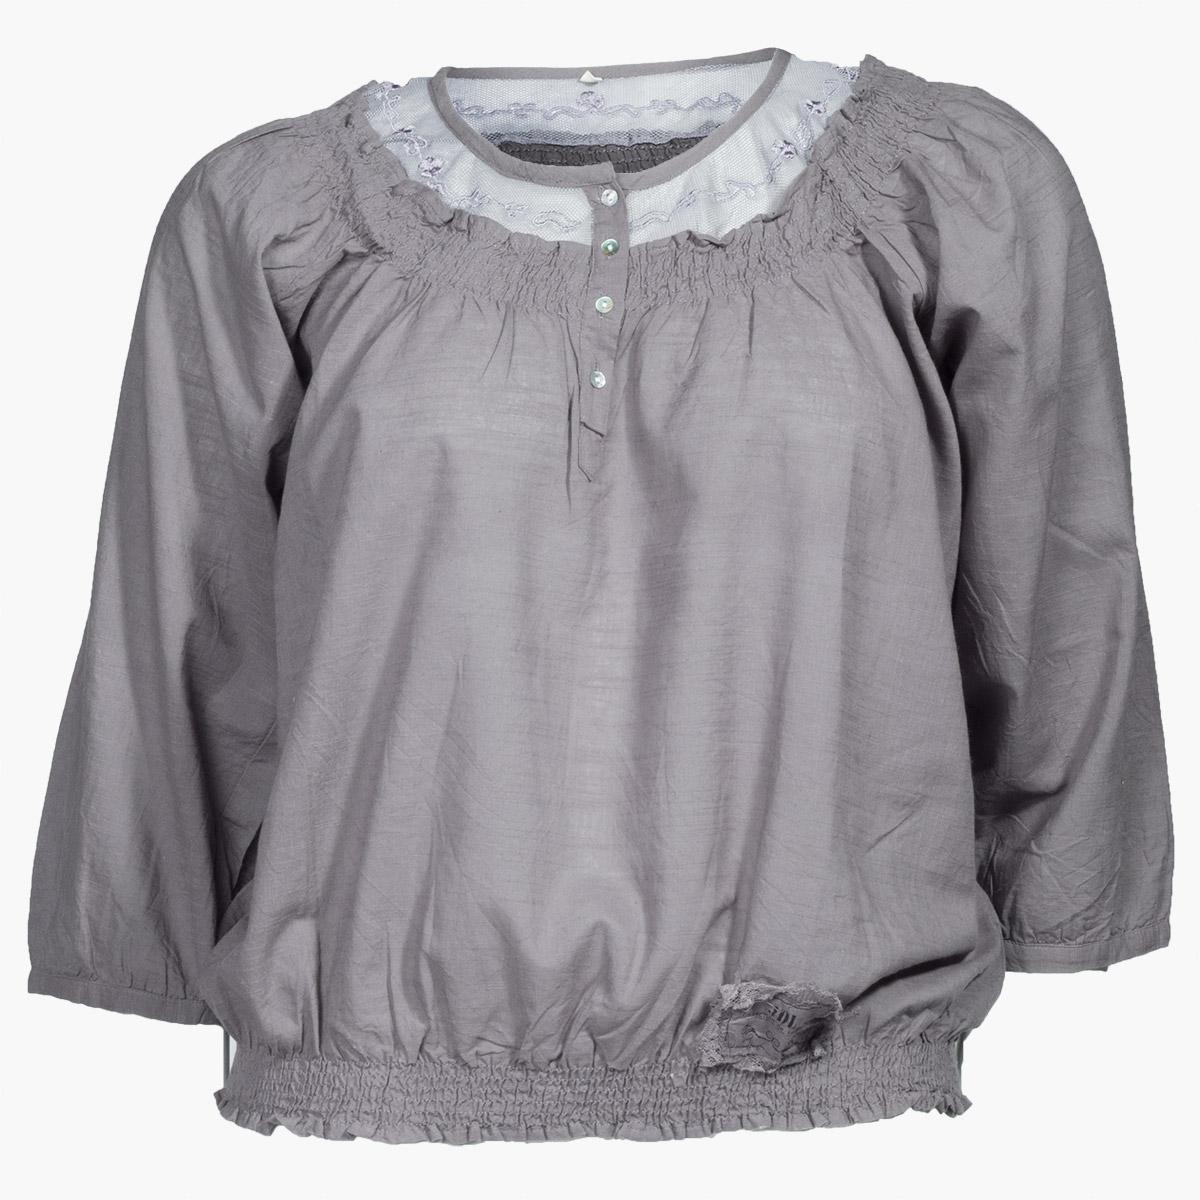 Mørkegrå bluse med 3/4 ærmer